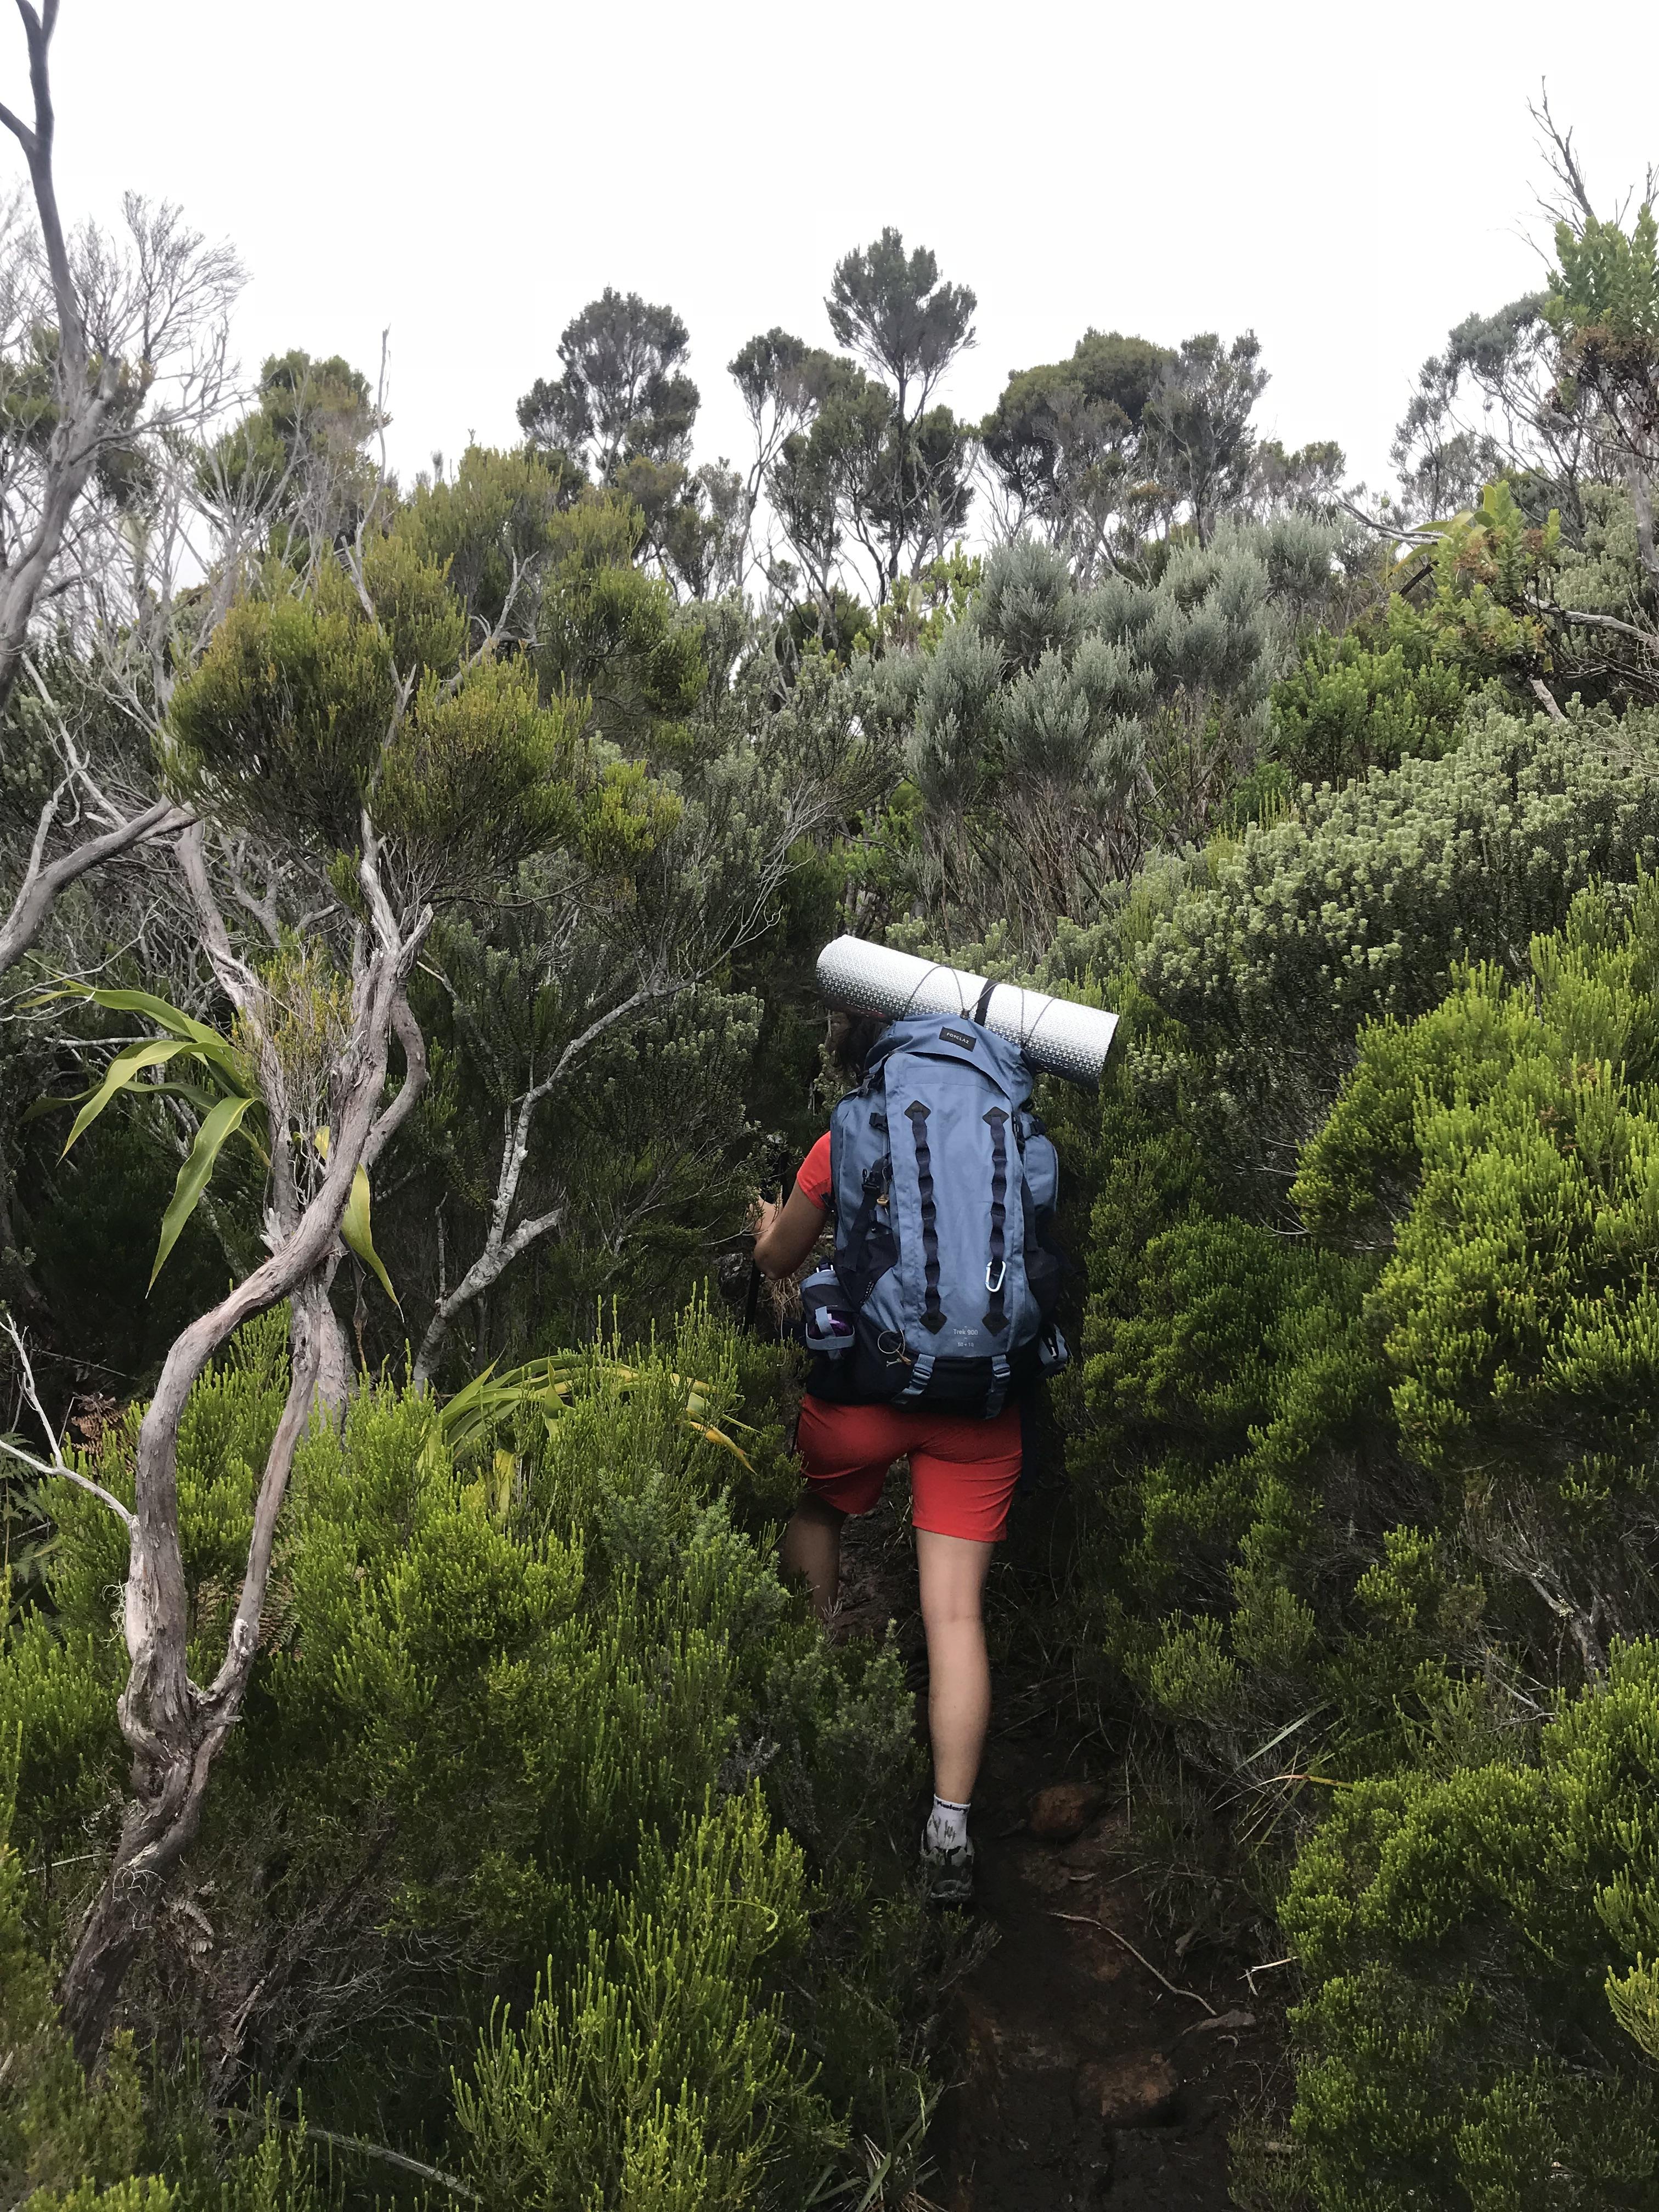 Moi en plein effort, trek à La Réunion GR R1